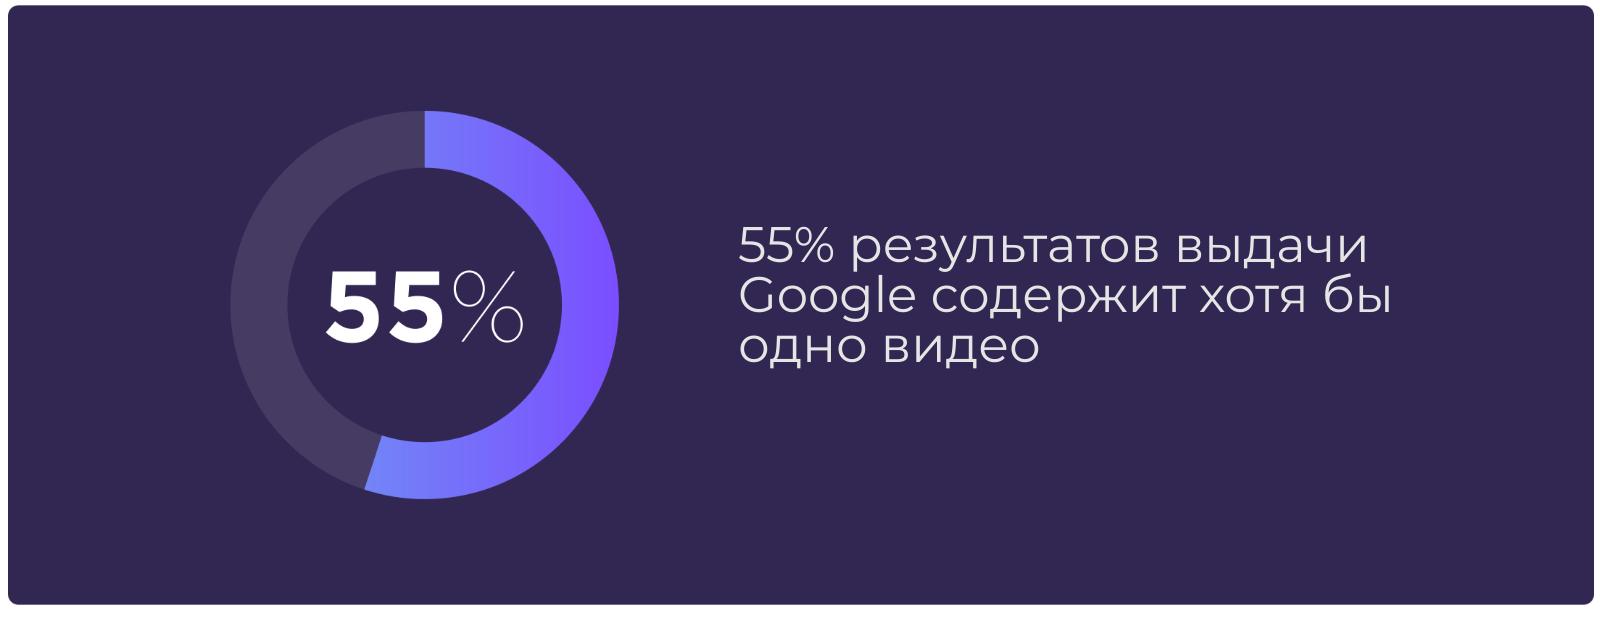 Доля запросов с видео в выдаче Google